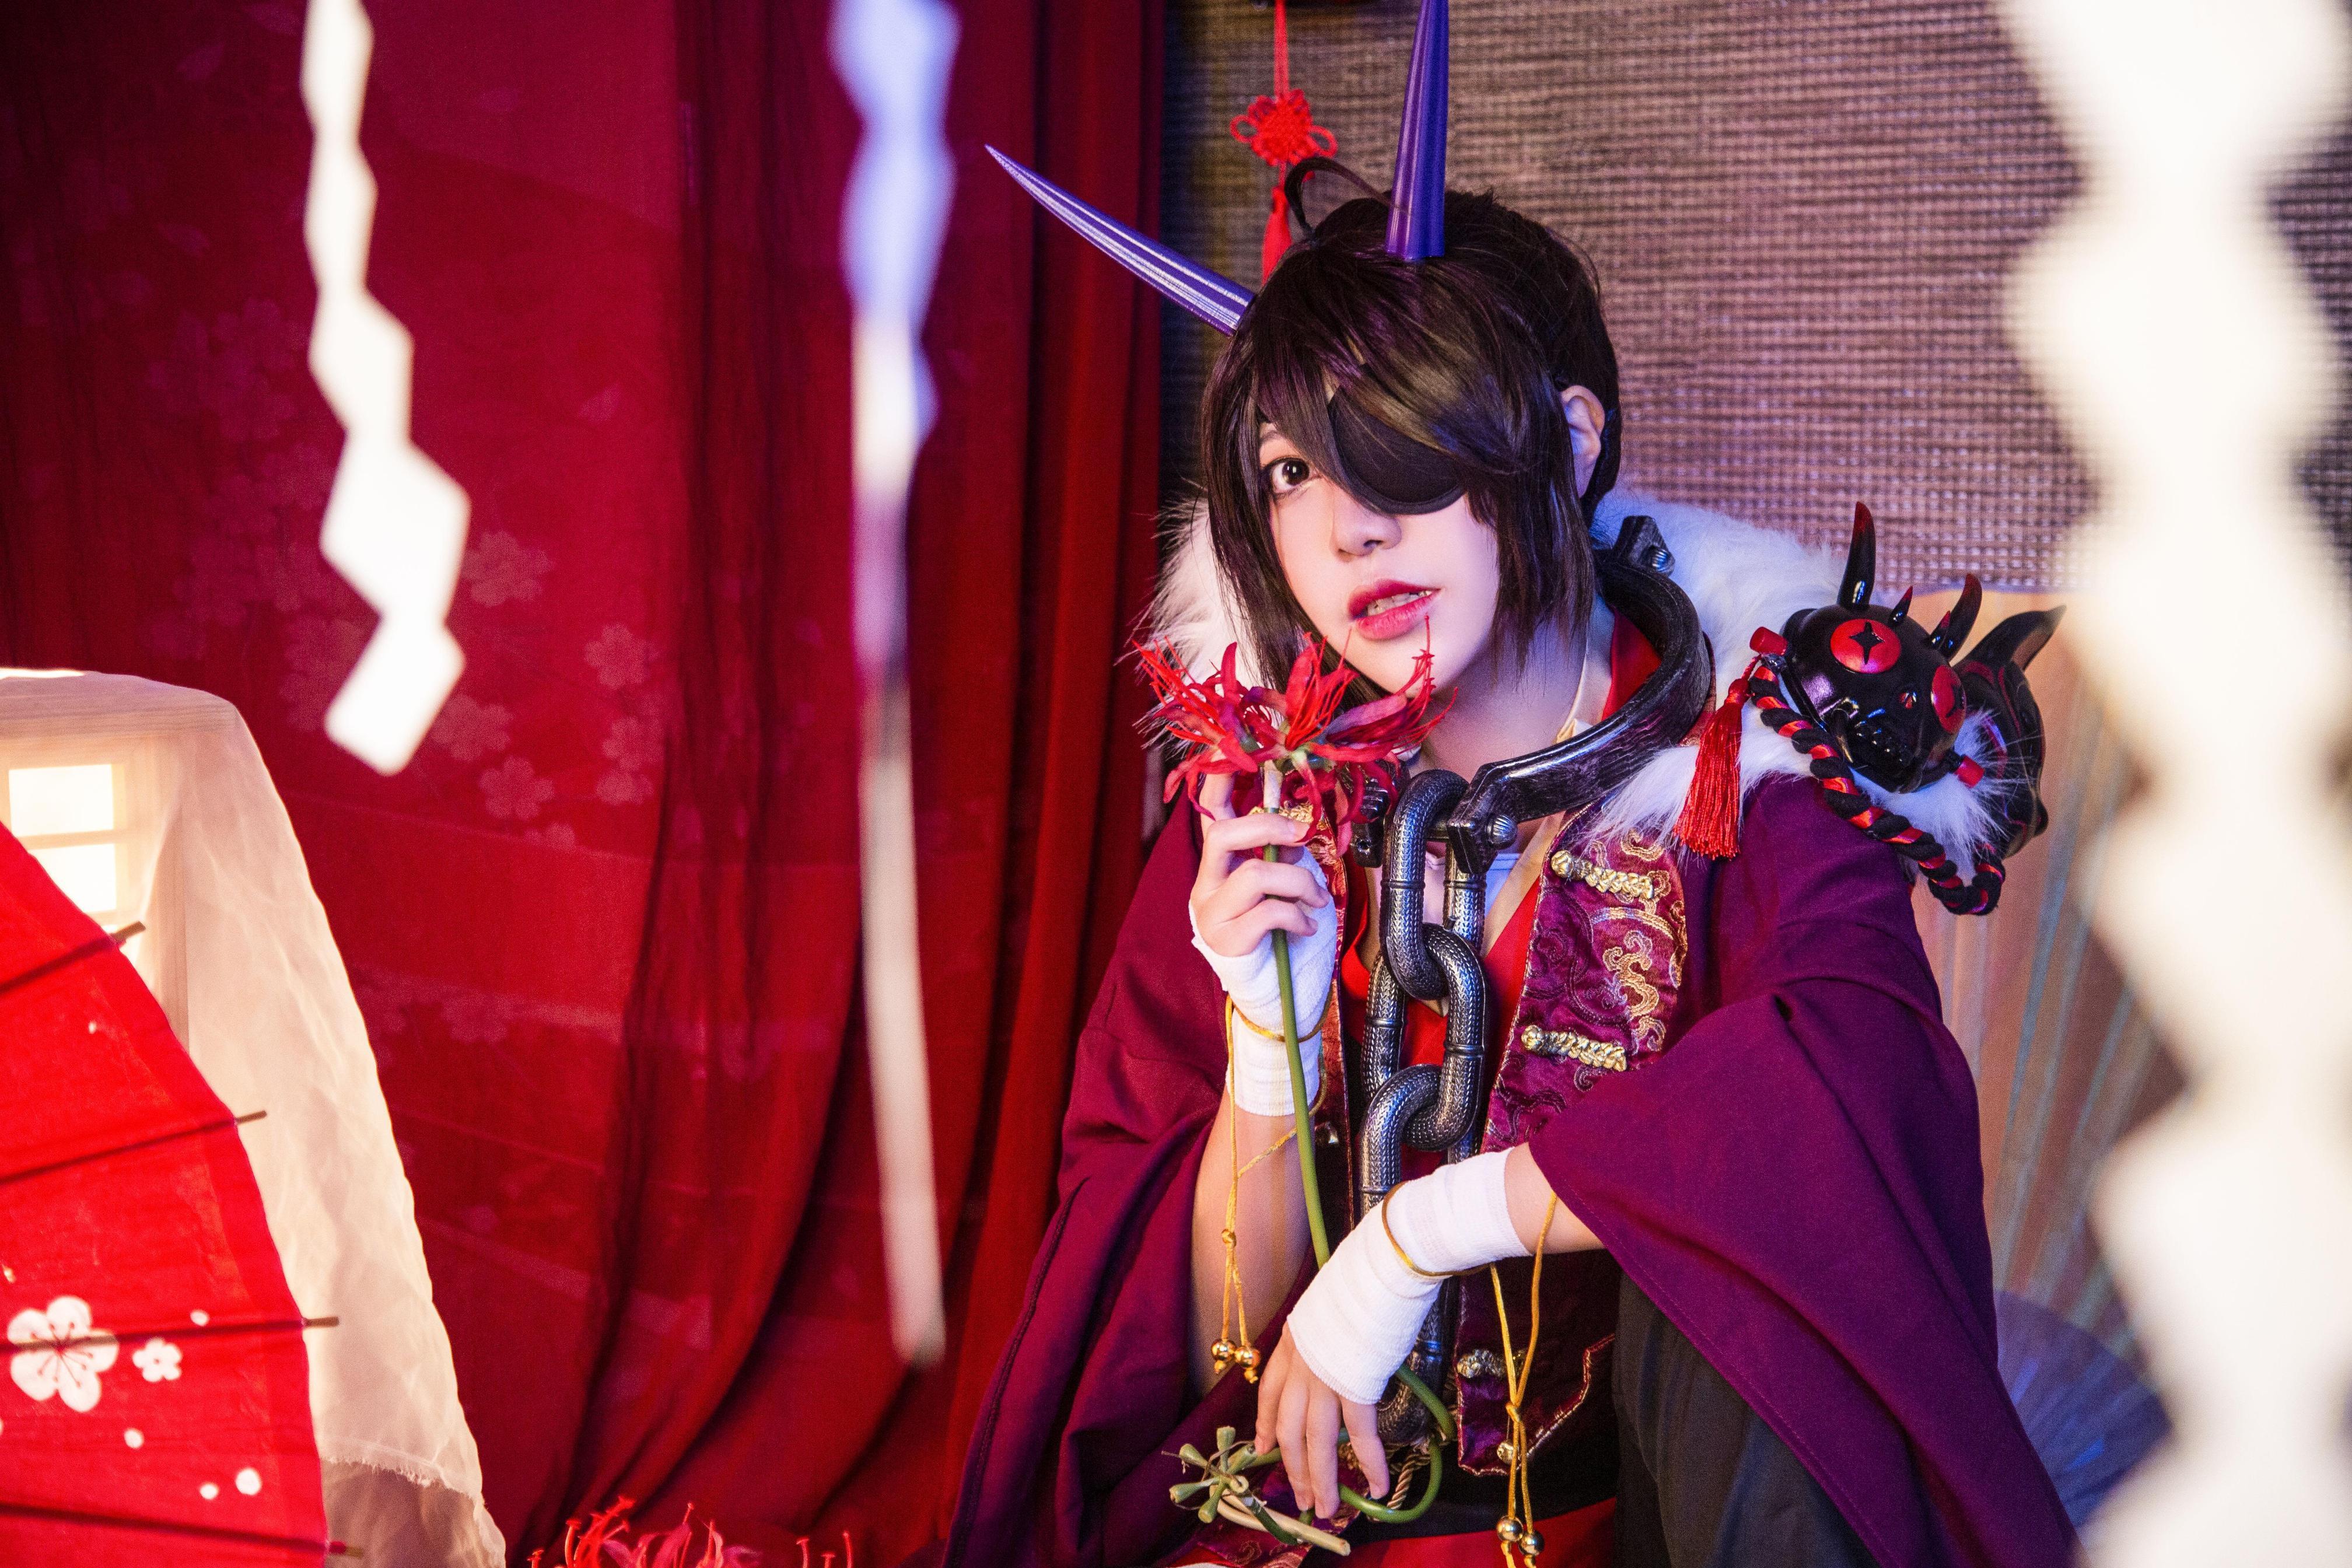 《第五人格》正片cosplay【CN:你小佑哥哥】-第11张